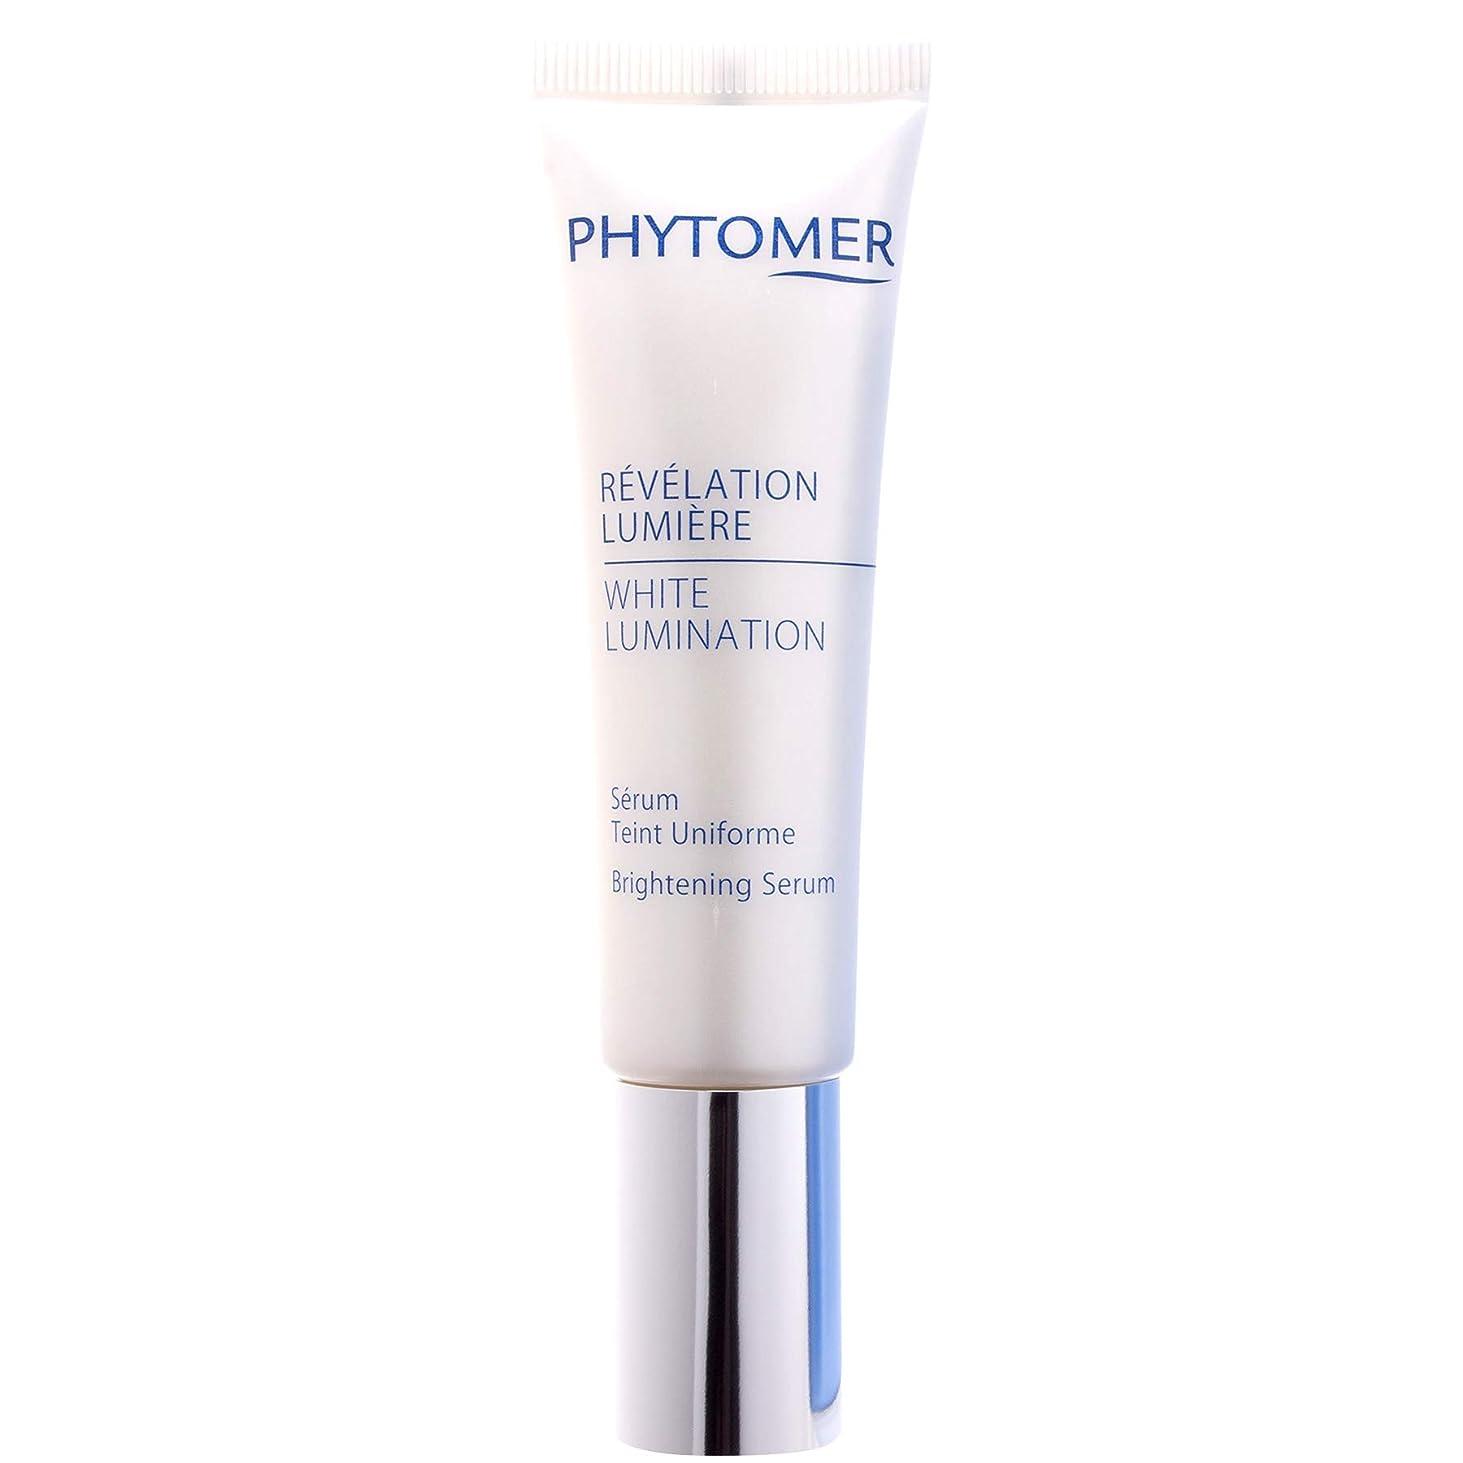 アレルギー性ビリー厚くするPhytomer White Lumination Brightening Serum 30ml/1oz並行輸入品